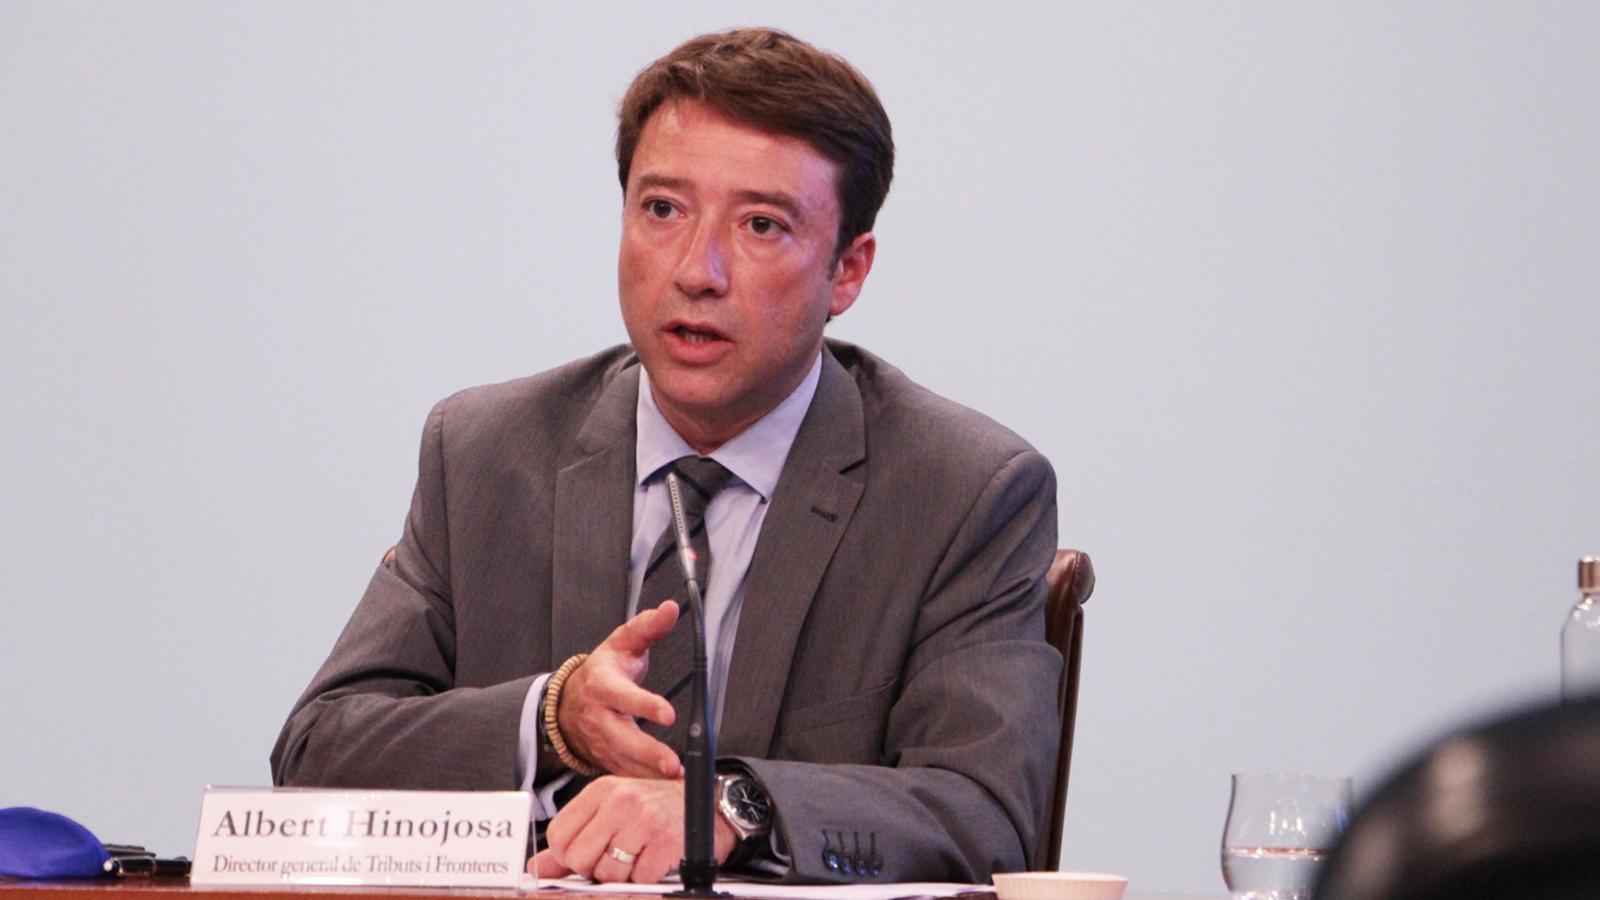 El director general de Tributs i Fronteres, Albert Hinojosa, durant la roda de premsa posterior el consell de ministres